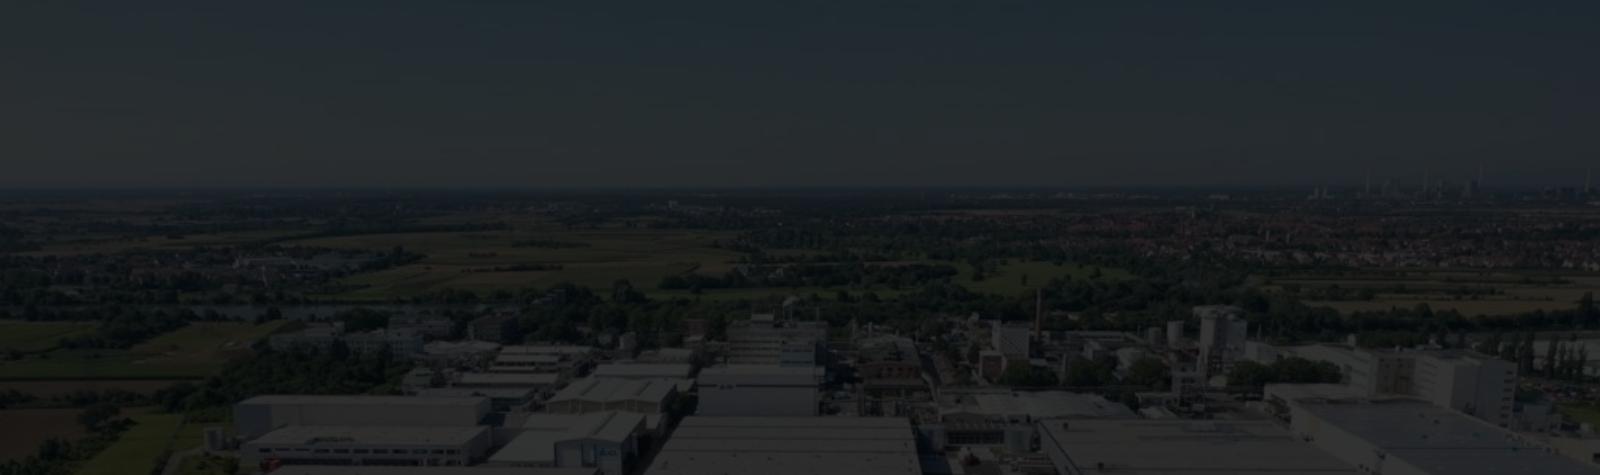 Allemagne : LaSalle acquiert une plate-forme logistique à Mannheim pour le compte d'Encore+